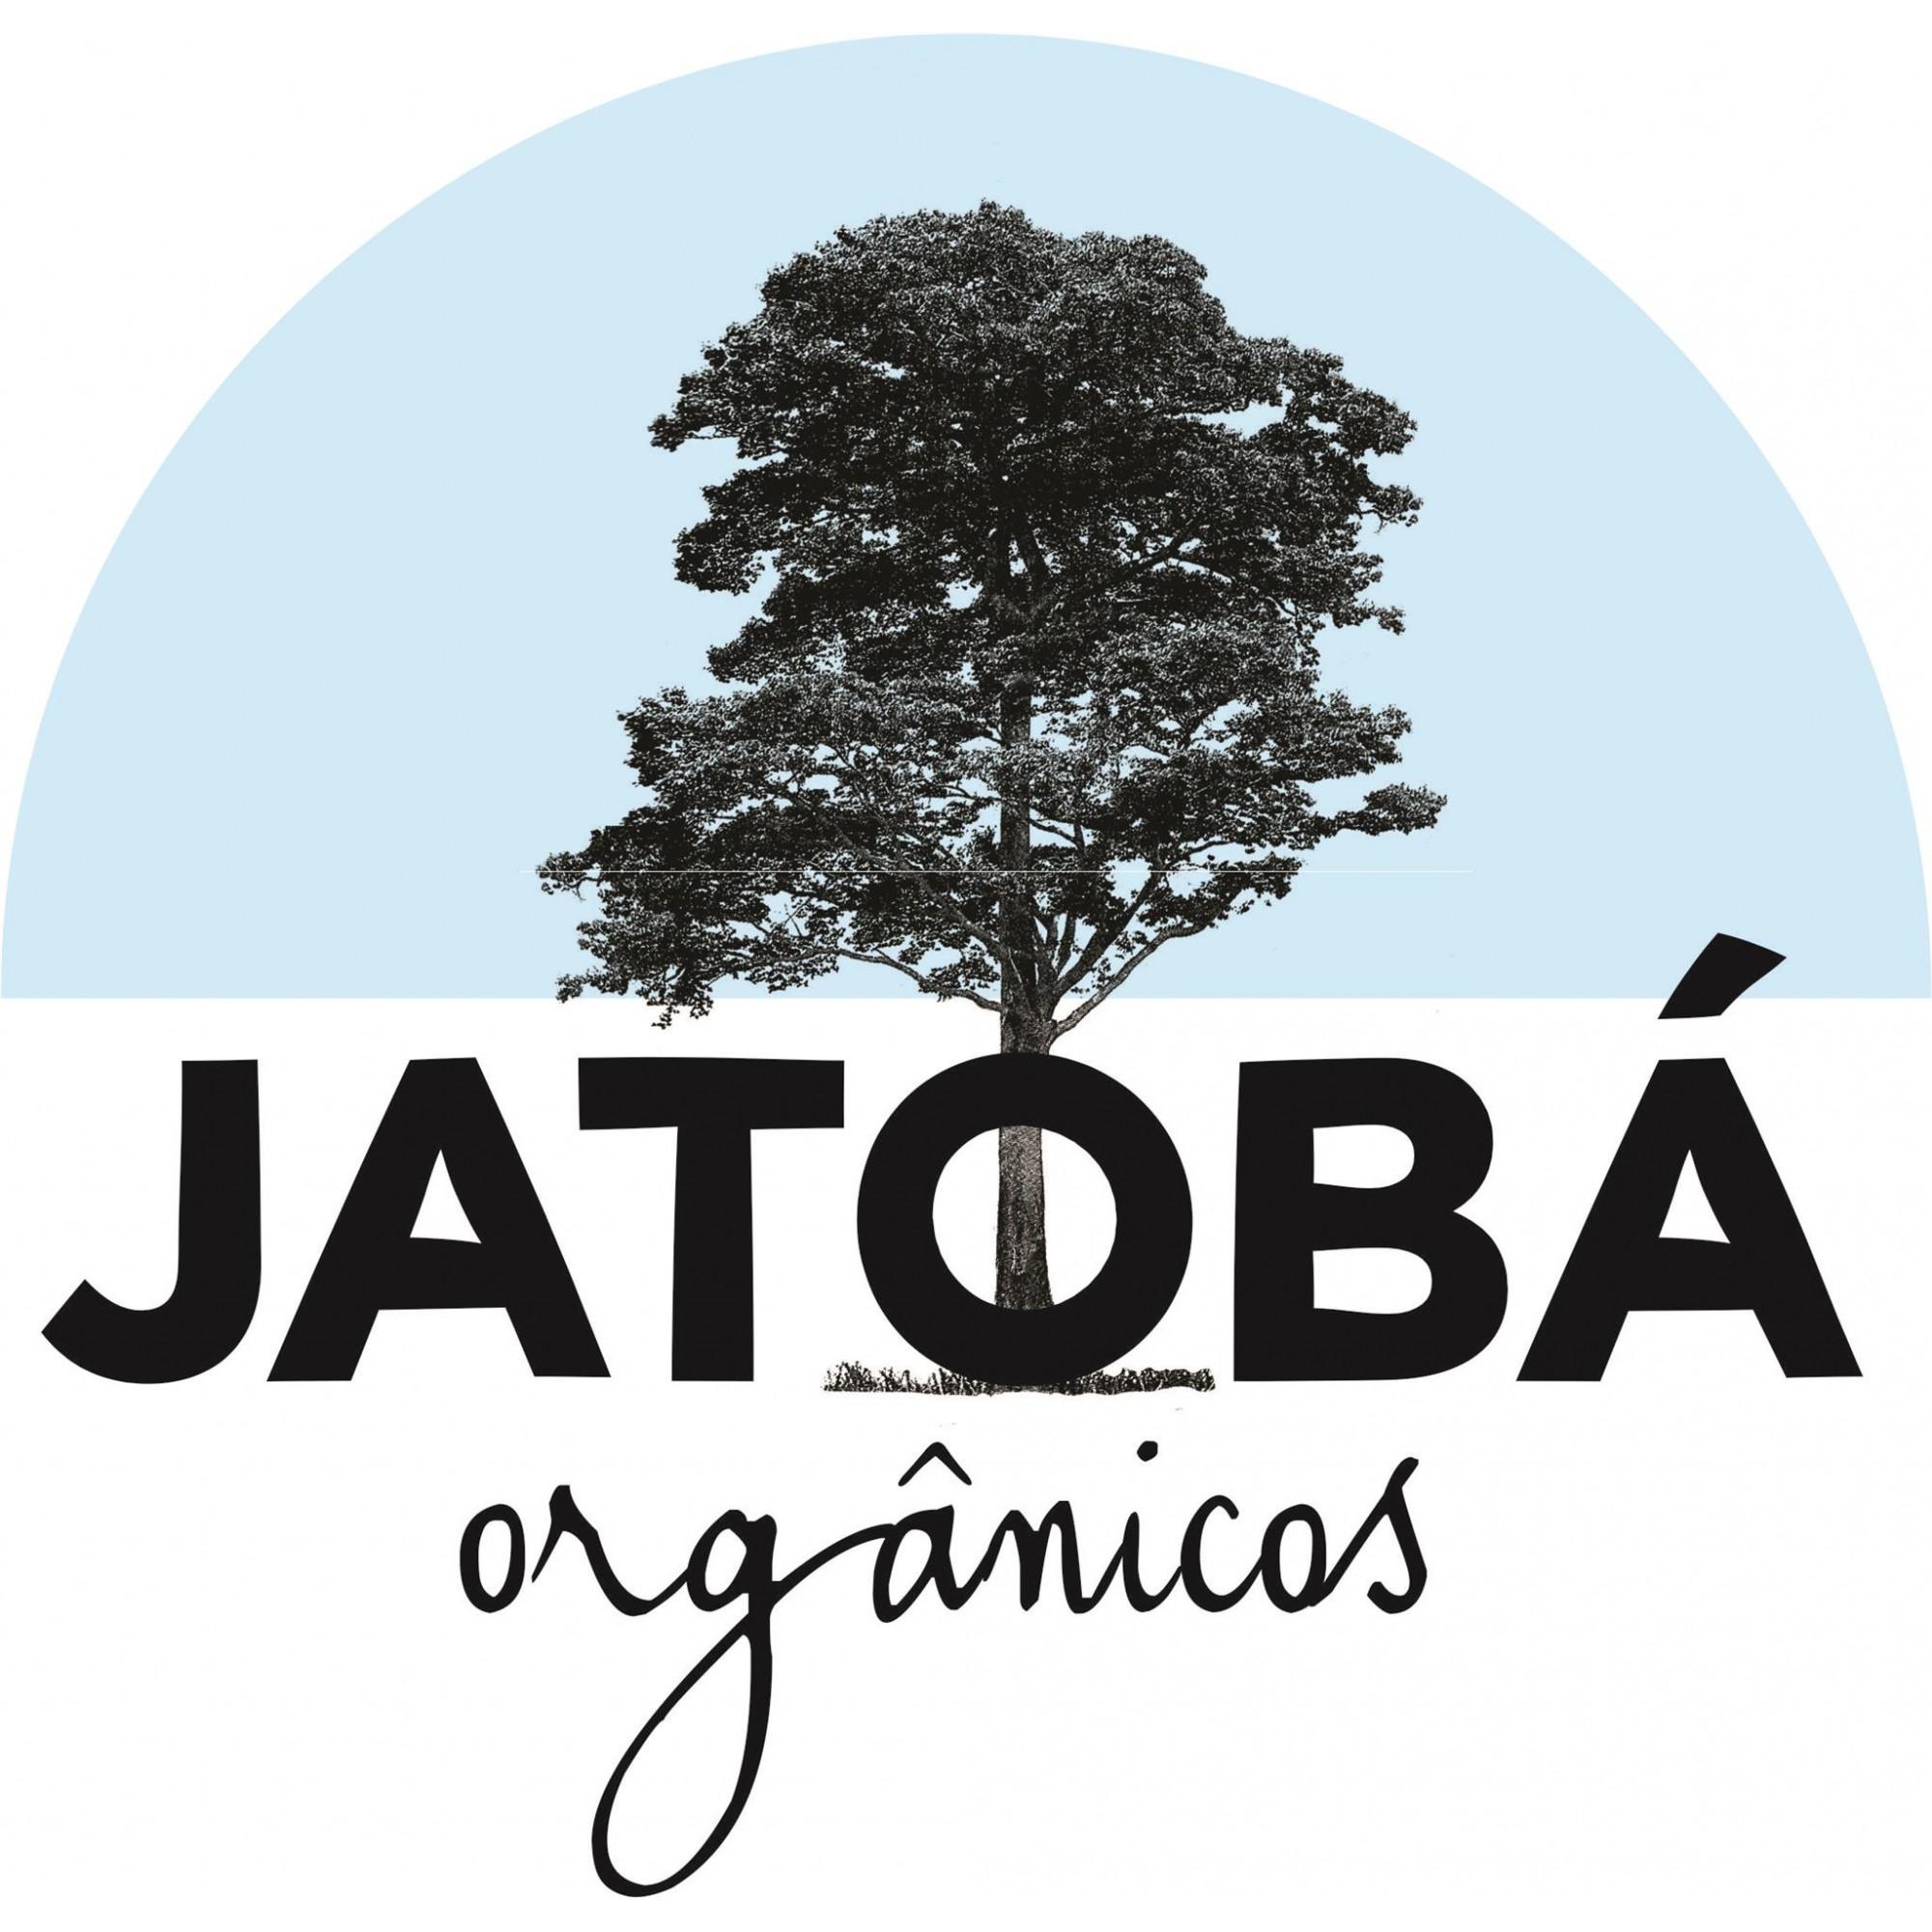 Molho de Pimenta Biquinho - Orgânico - 45ml - Jatobá